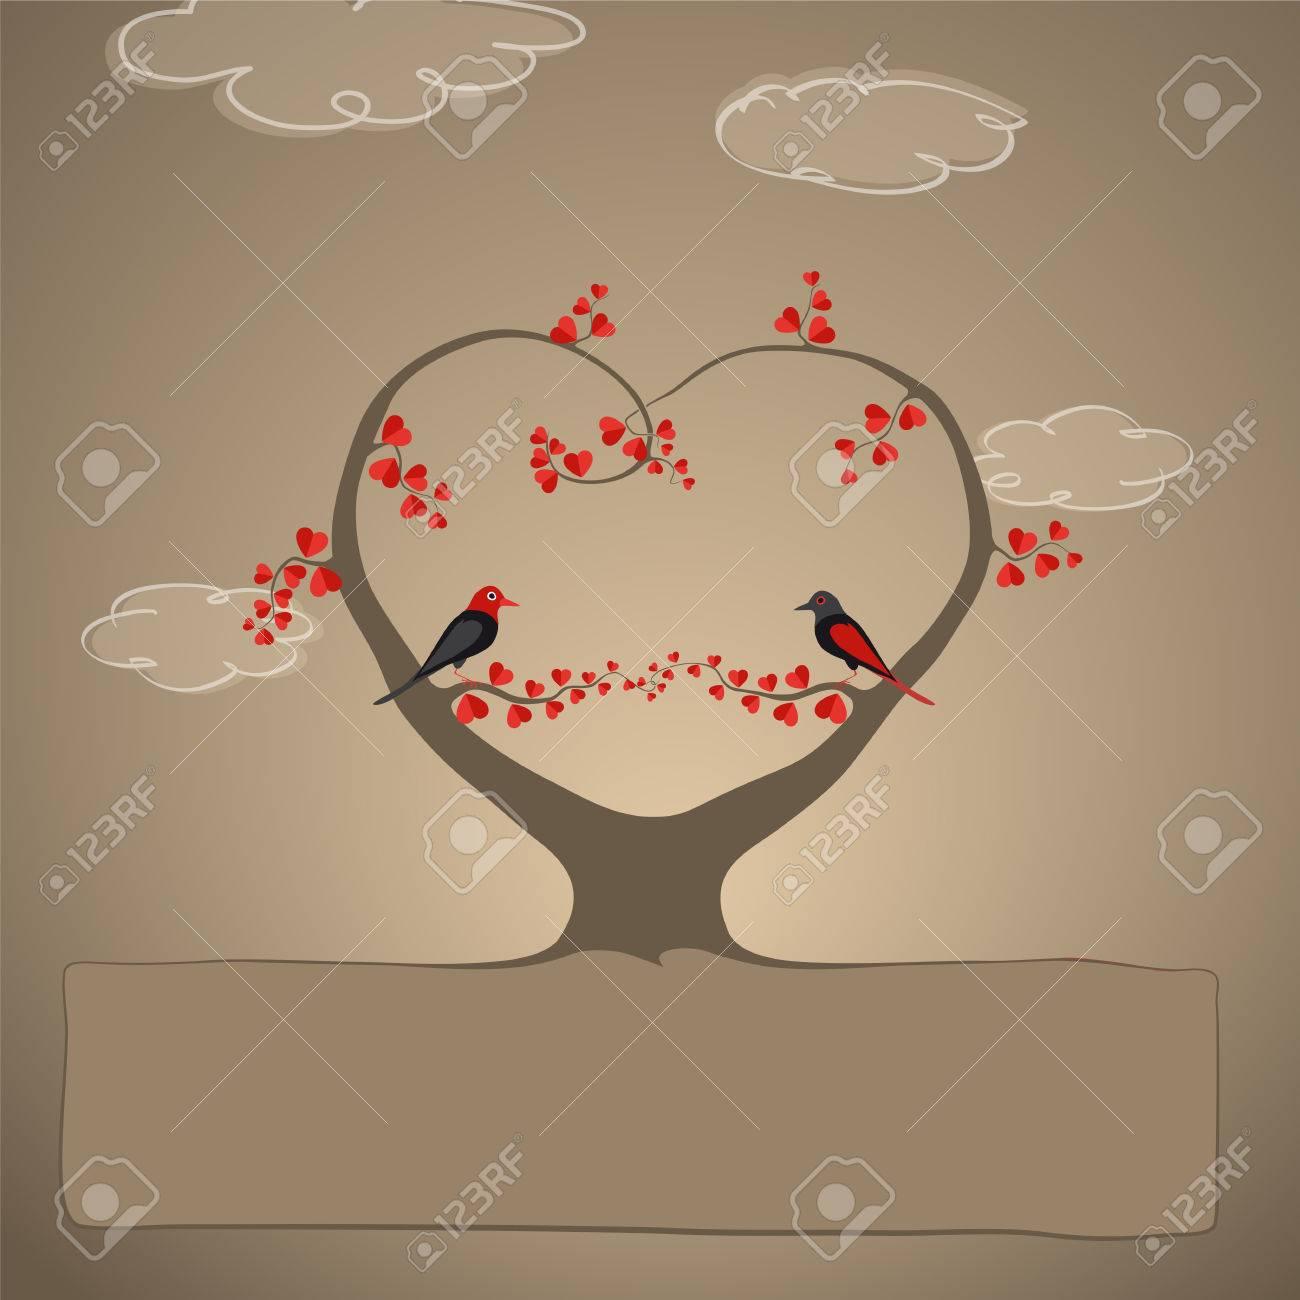 Hochzeit Einladung Oder Grusskarte Mit Vogelpaare Mit Herzförmigen Blättern  Auf Herzförmige Baum Sitzen Standard Bild